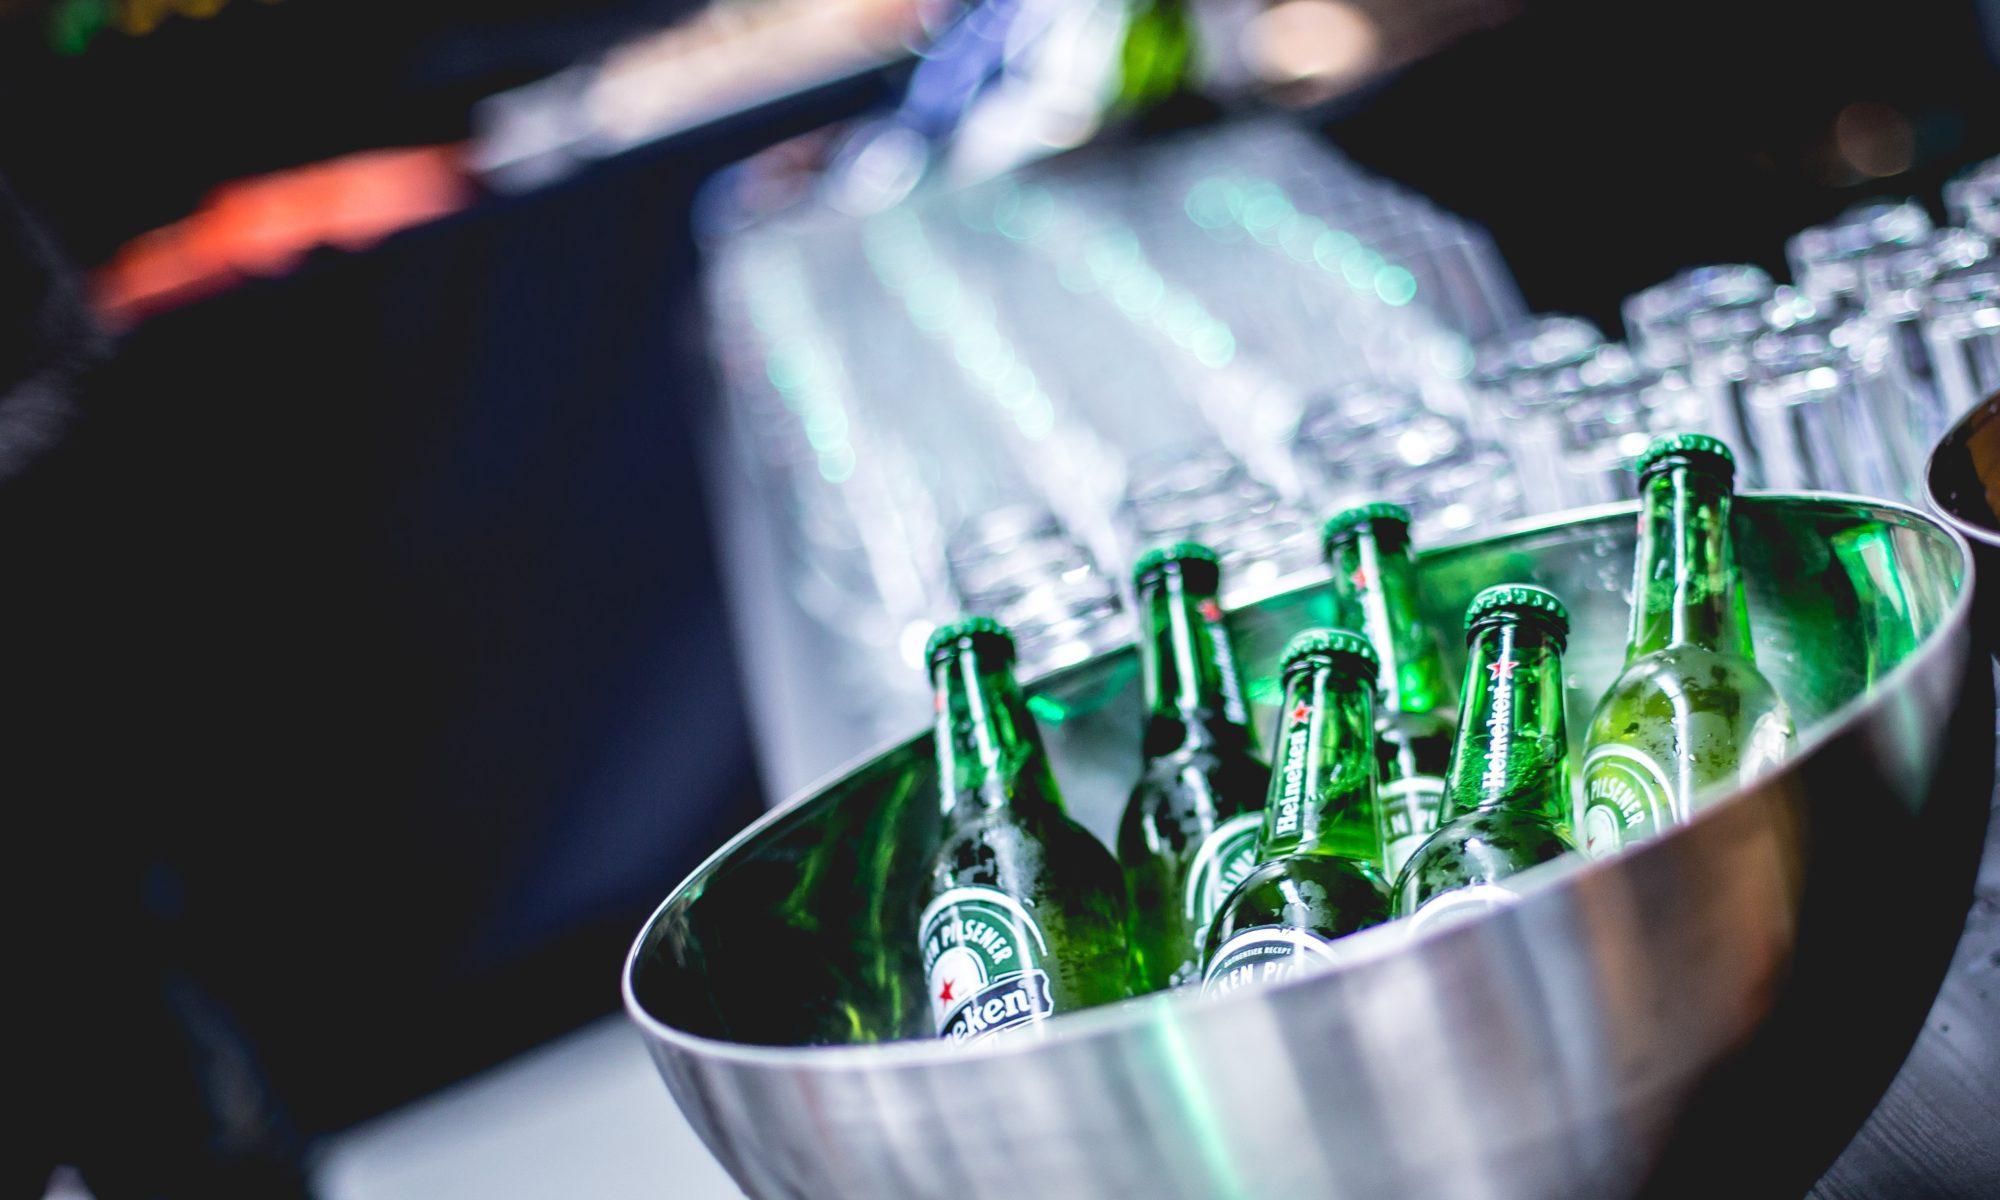 bier.amsterdam